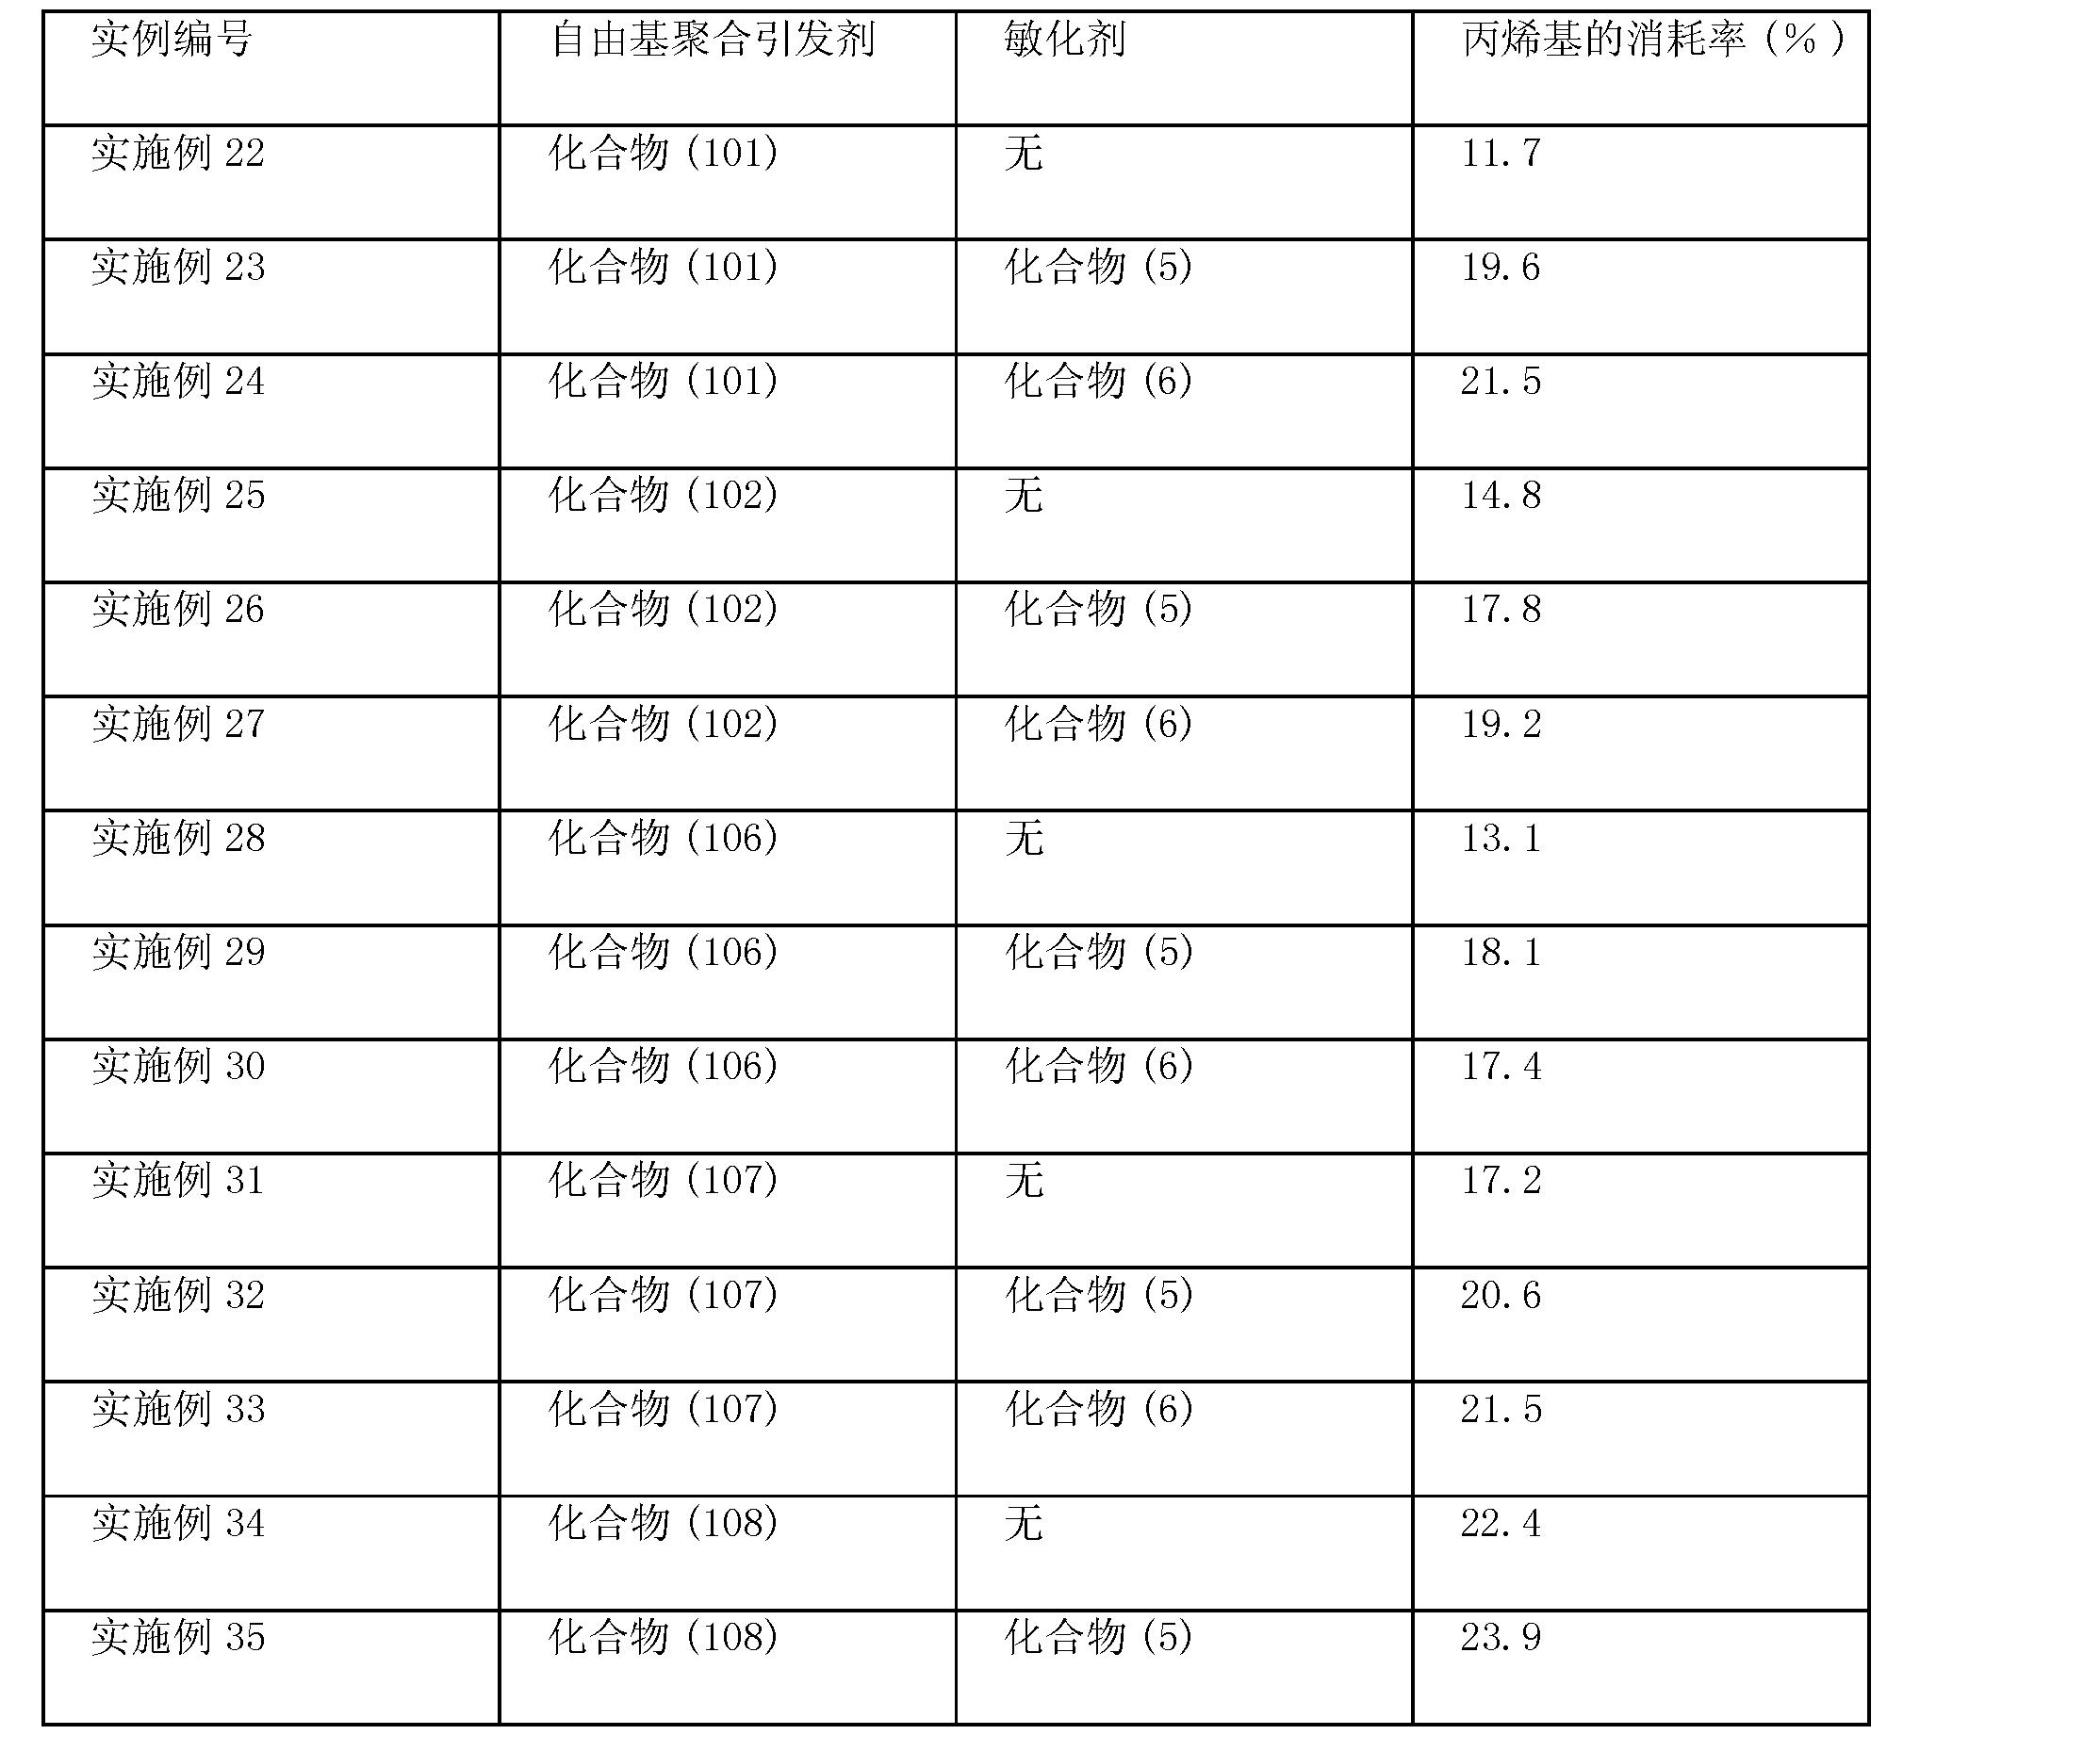 THUR SEC A 4_01 1A (Page 1)